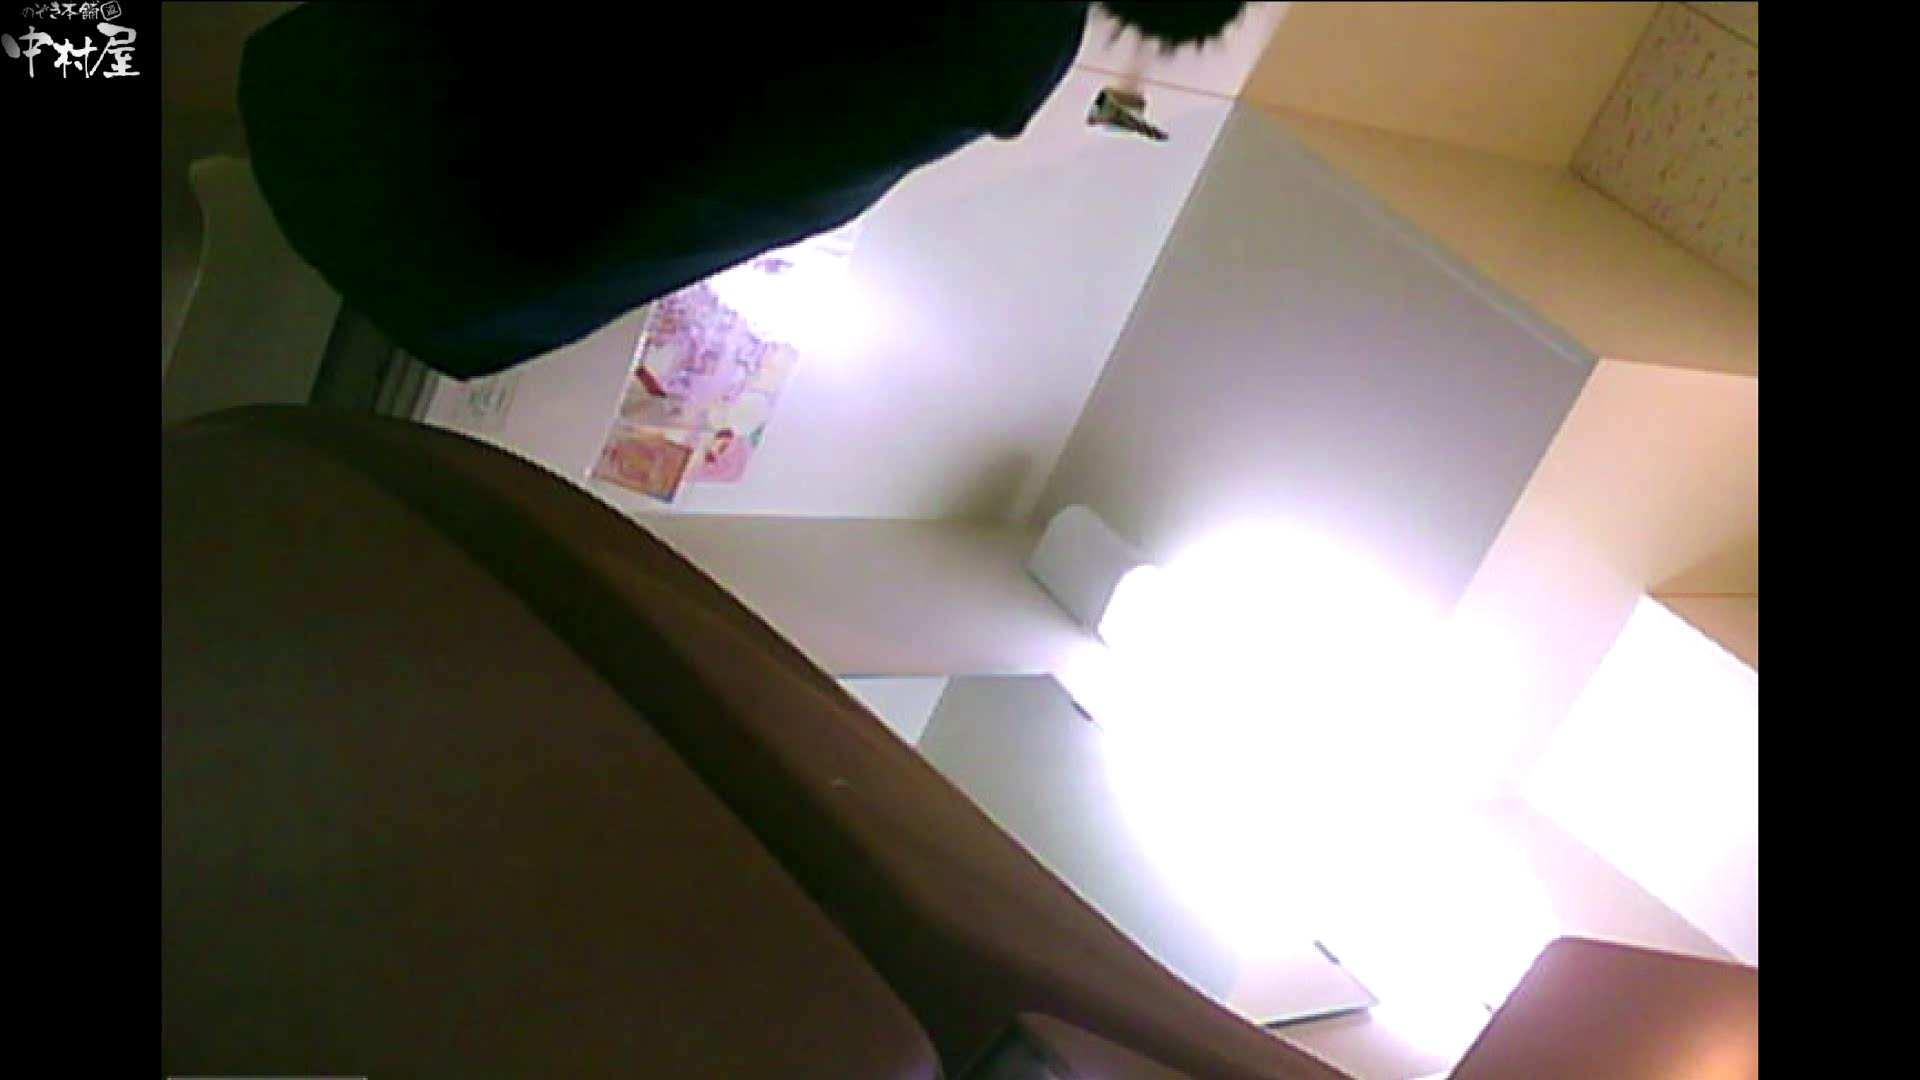 三つ目で盗撮 vol.44 美しいOLの裸体   マンコ・ムレムレ  92pic 16